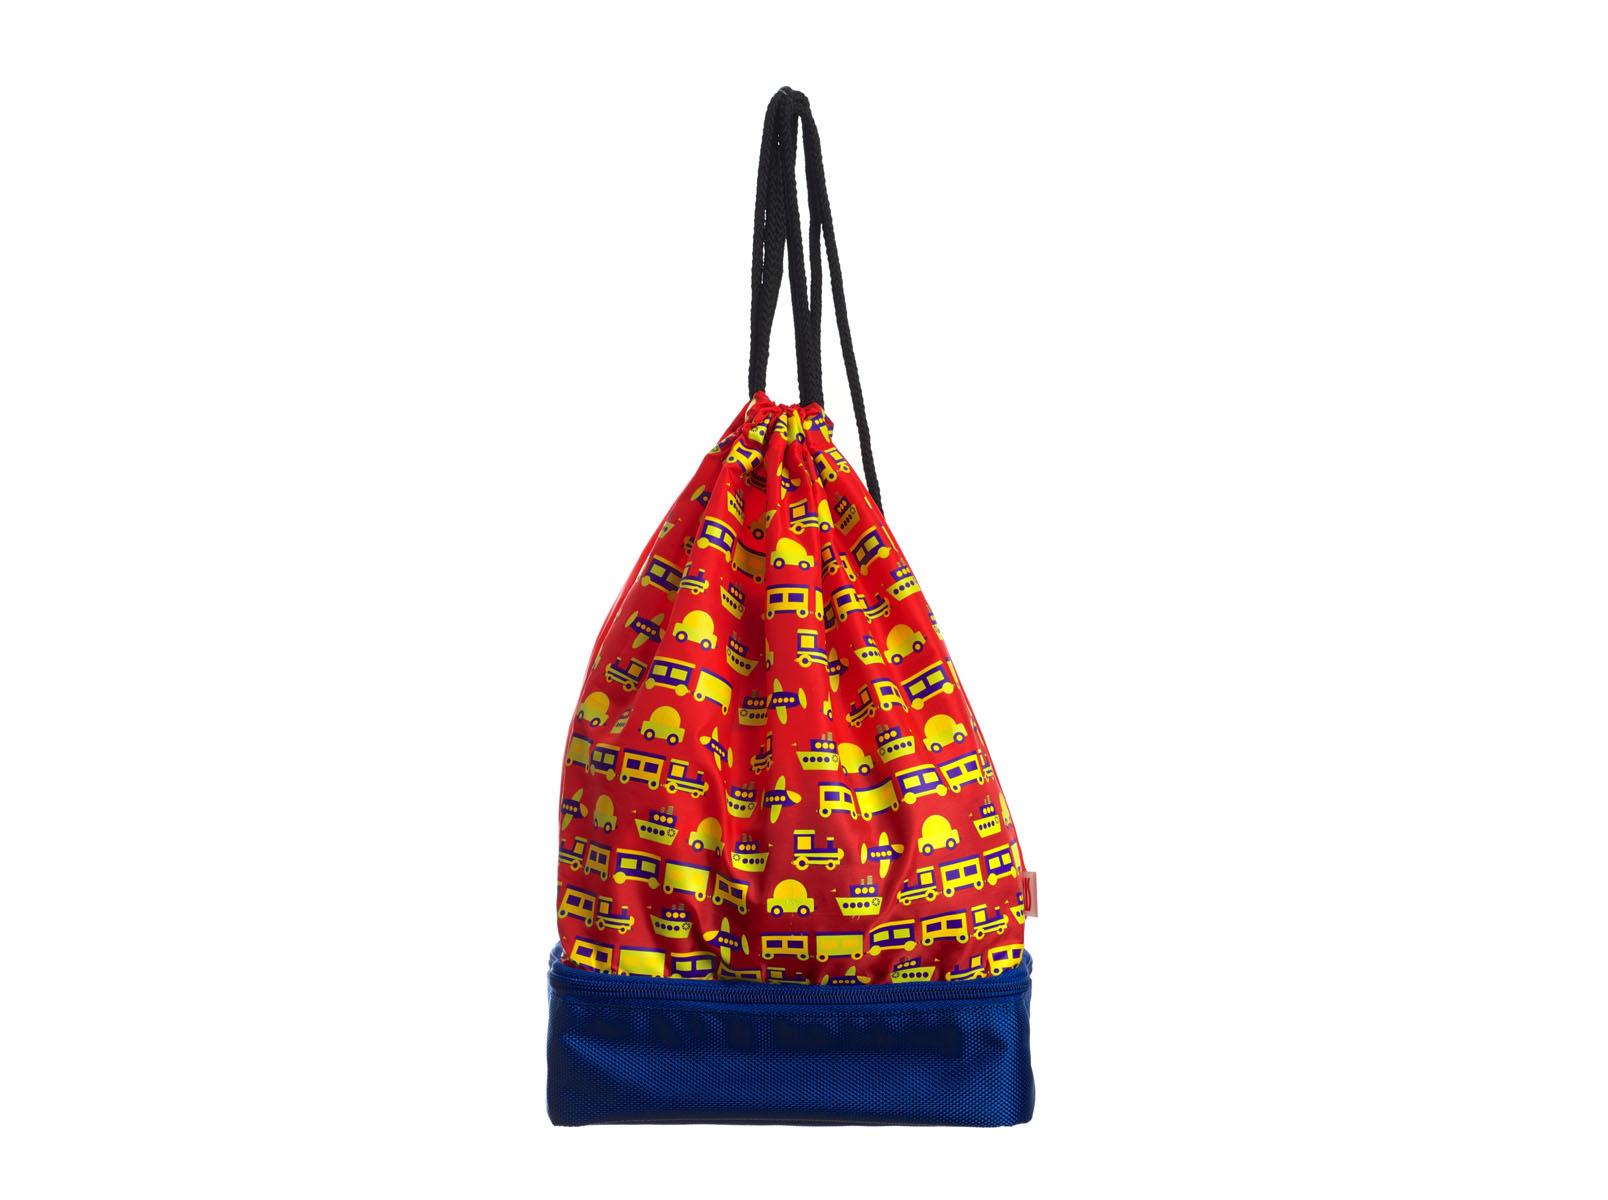 Рюкзак-термоланчбокс Iris Barcelona Snack Rico, цвет: красный, синий9927-TCCВ рюкзаке Iris Barcelona Snack Rico два-в-одном найдется и место для целого обеда, который соберет заботливая мама, и место для всего, что может понадобиться в любой момент: халата или пижамы, свитера, дождевика, книжек, пенала и многого другого! Нижнее изотермическое отделение обладает большой вместительностью и позволяет взять с собой бутерброды, фрукты и разные сладости, а благодаря специальному сетчатому кармашку ребенок не забудет воспользоваться салфеткой. Можно носить как обычный рюкзак. Благодаря регулировке шнурков, можно выбрать наиболее удобную длину.В комплект входит подарок - забавный брелок для ключей из коллекции Snack Rico.